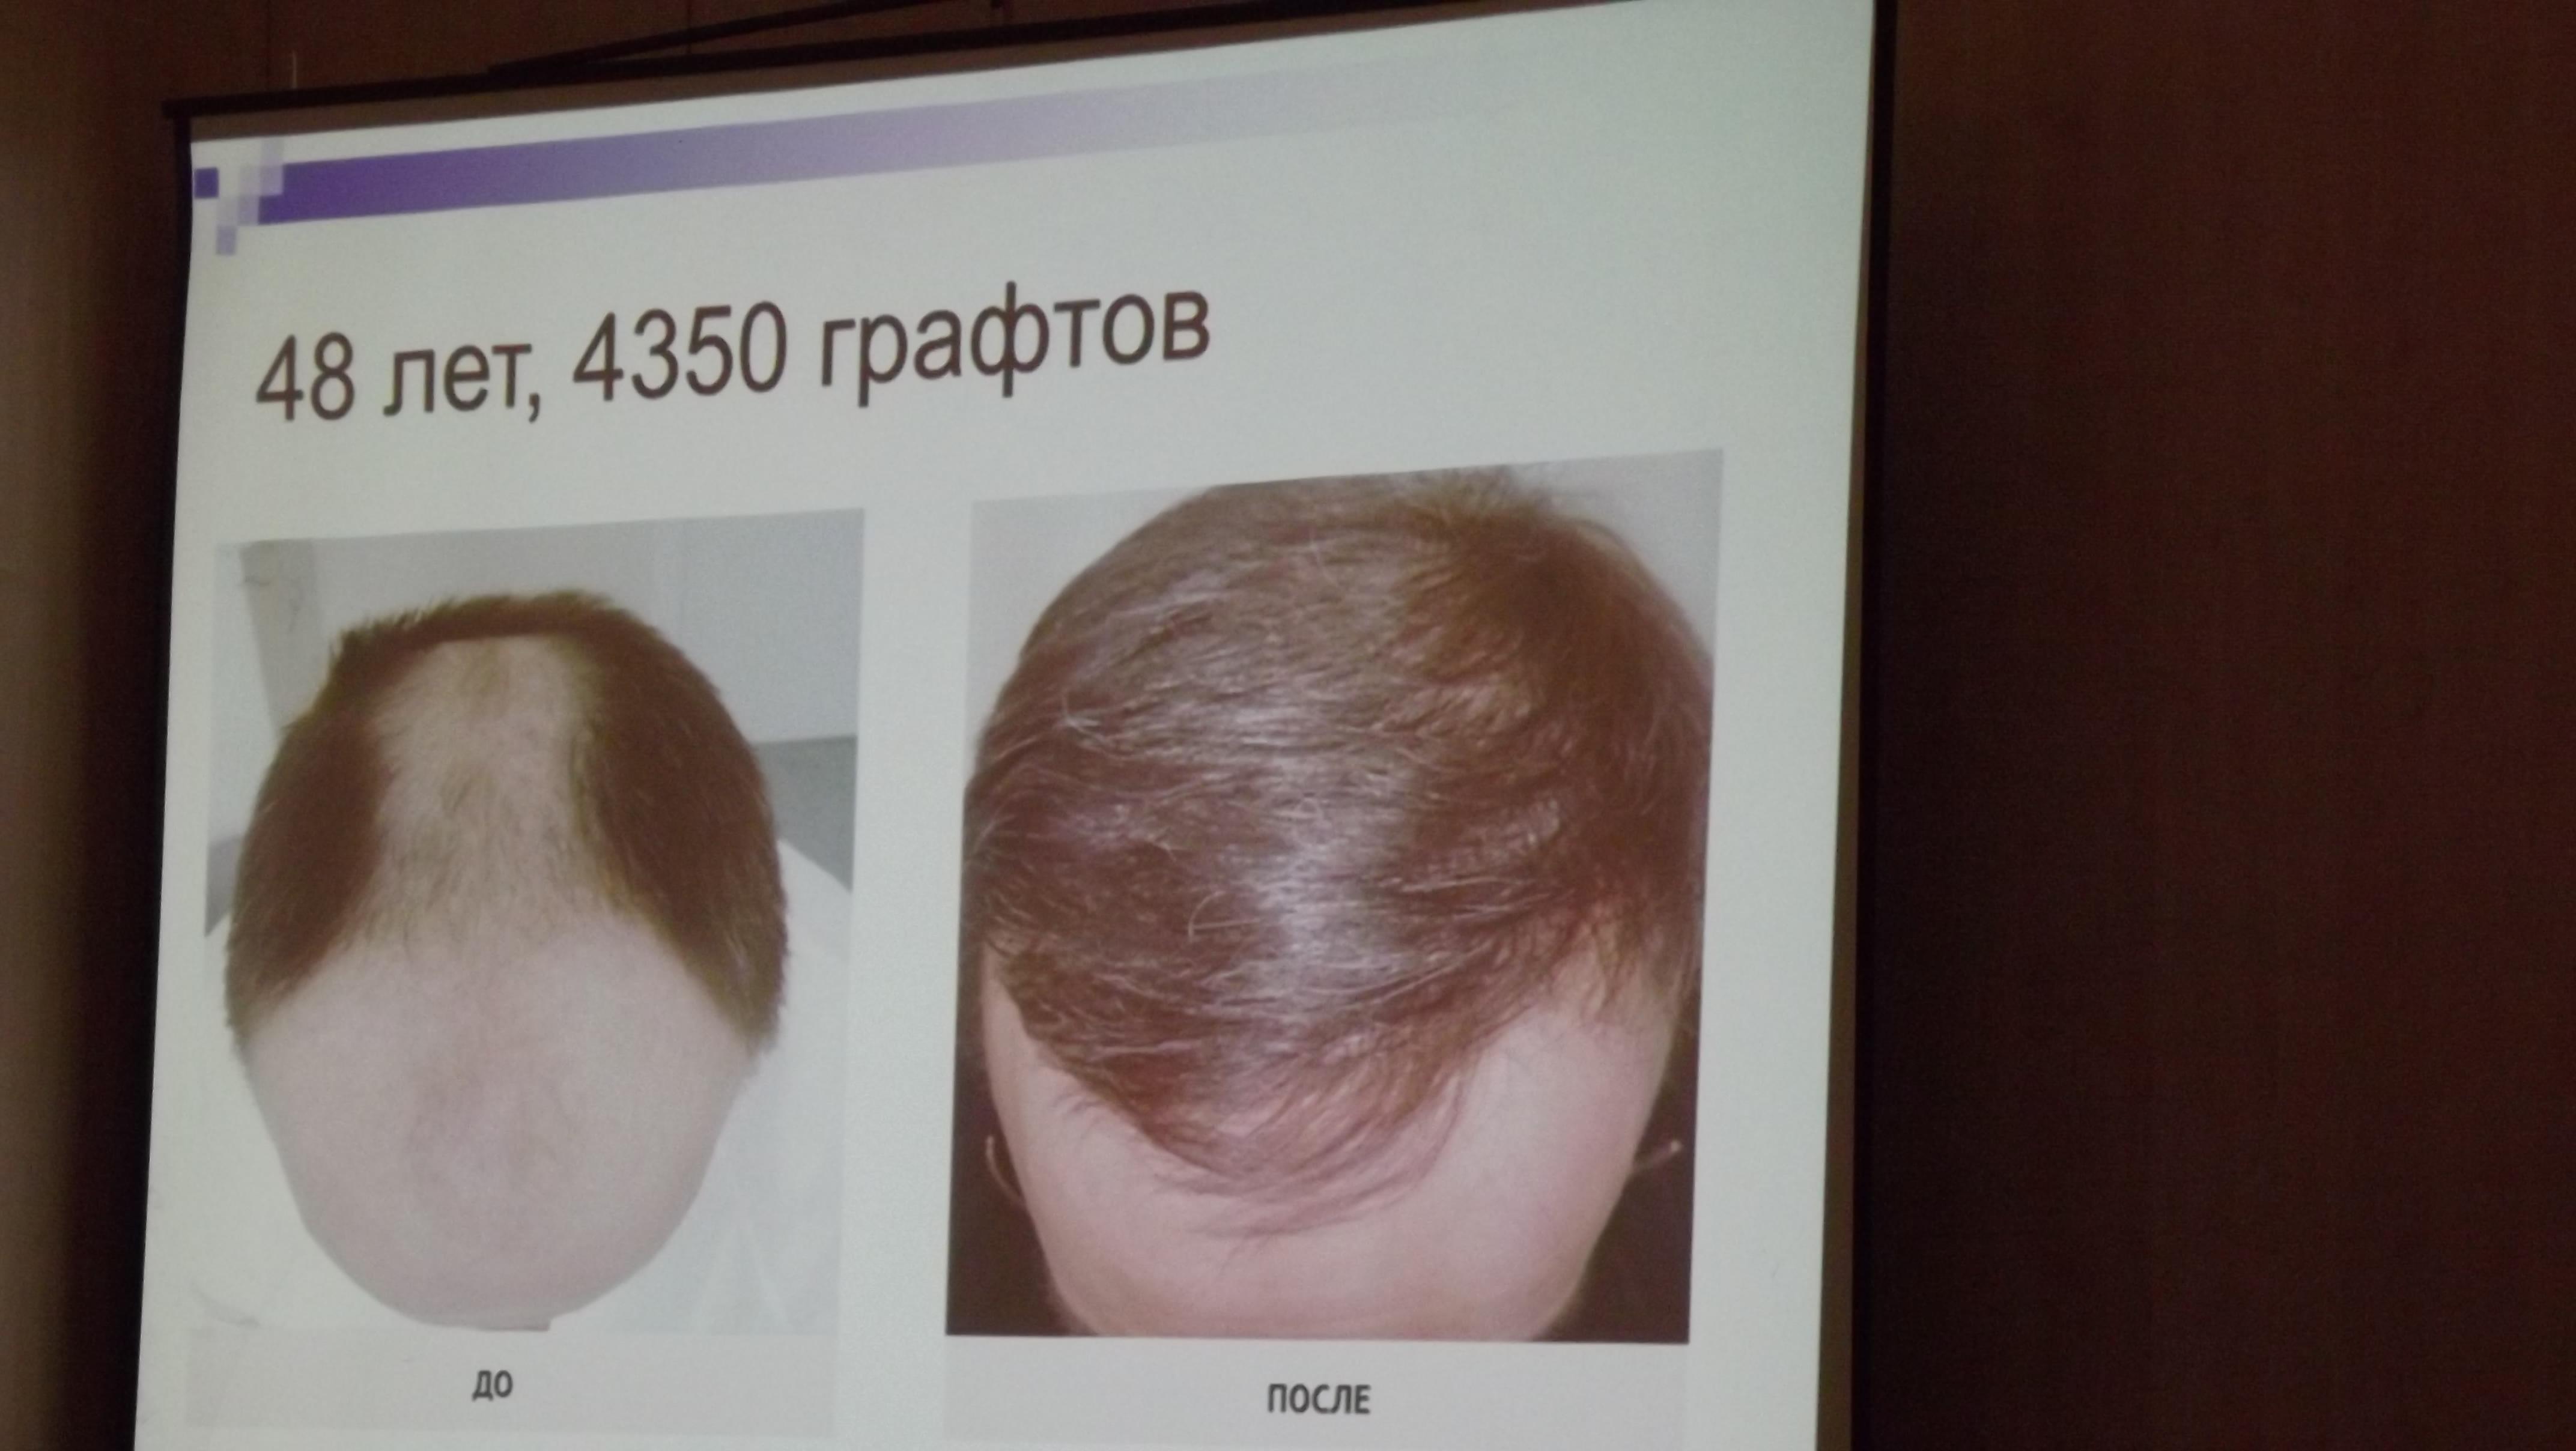 лучшие магазинные средства для роста волос